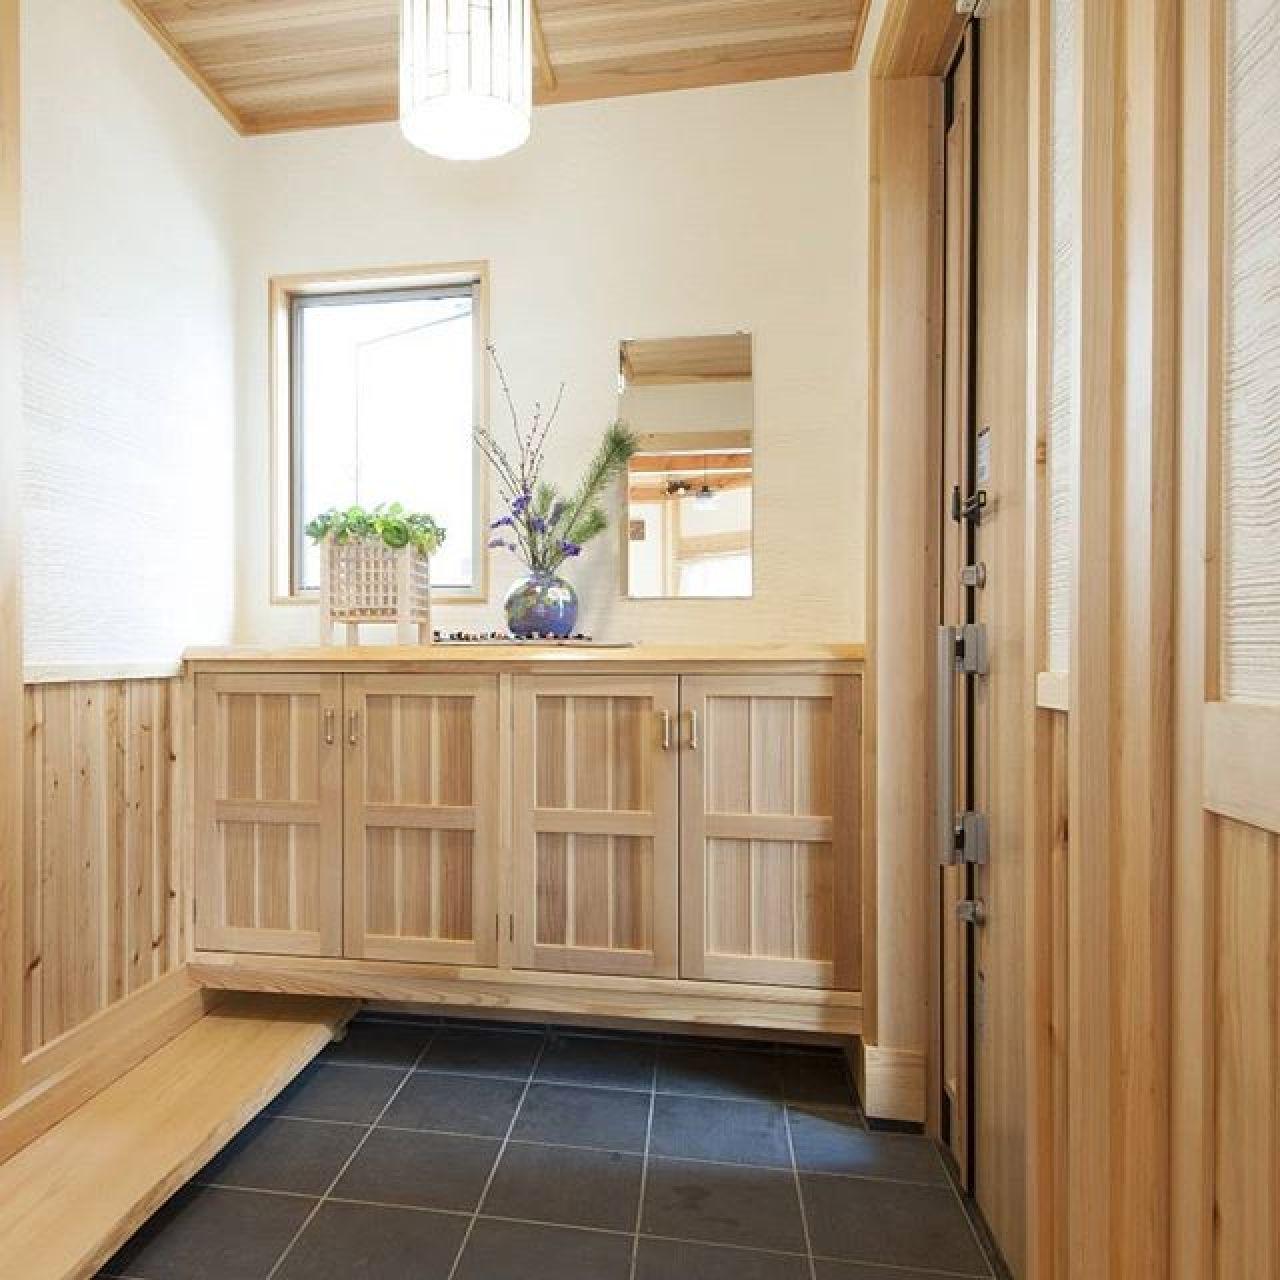 木と土とタイルの和な玄関。#玄関#ホール#玄関ホール #杉#珪藻土#あとぴっこ #手造り #オリジナル建具 #造作下駄箱 #和モダン#自然素材#注文住宅